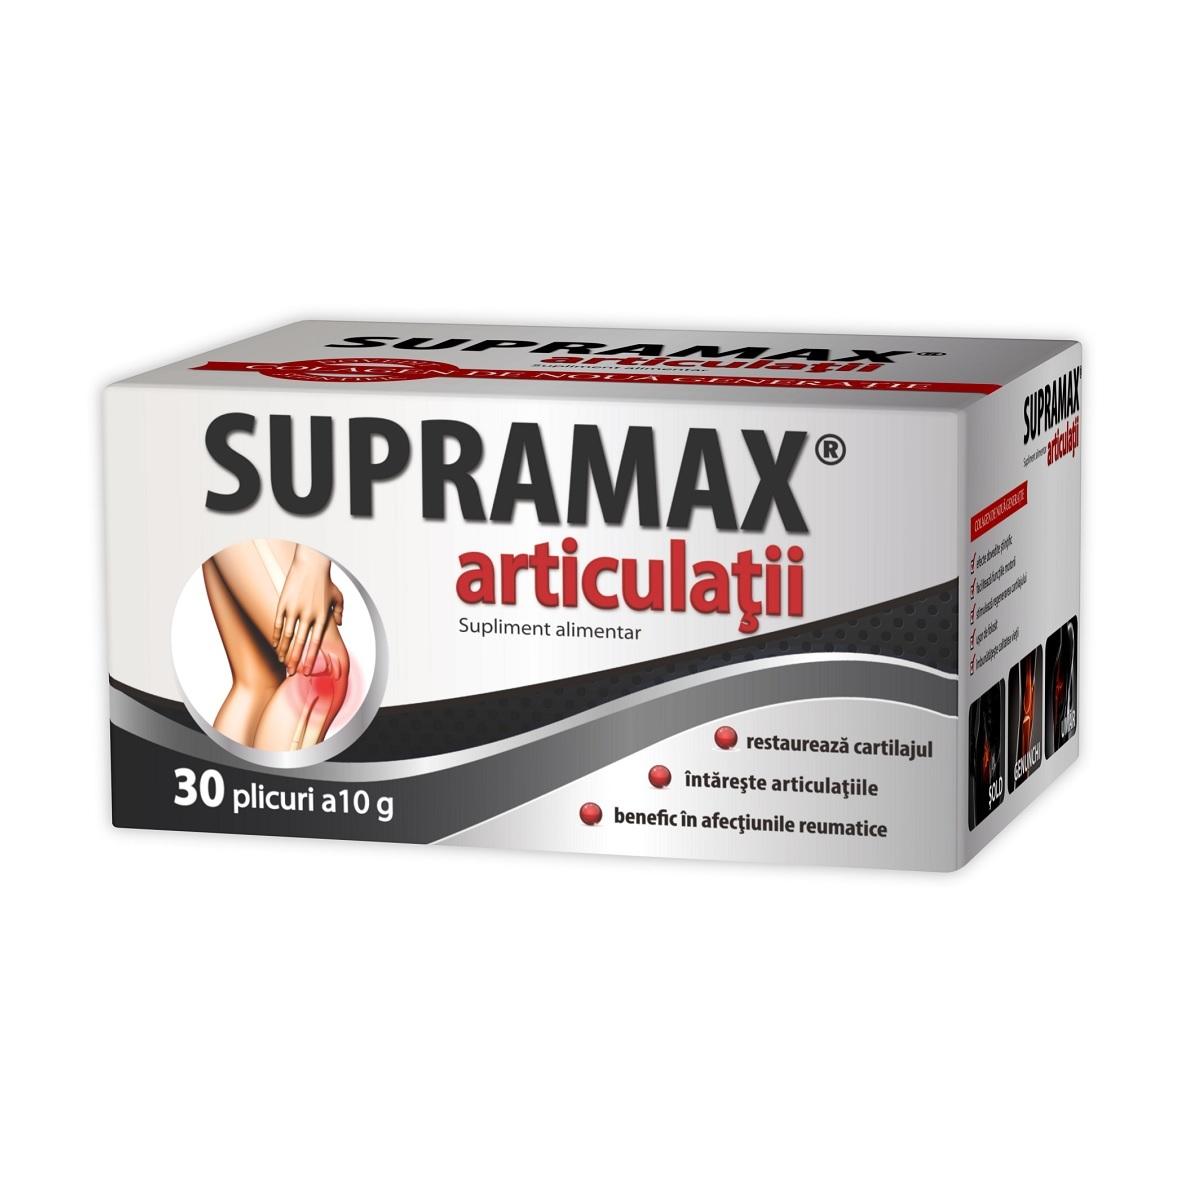 cel mai bun medicament pentru articulatii)